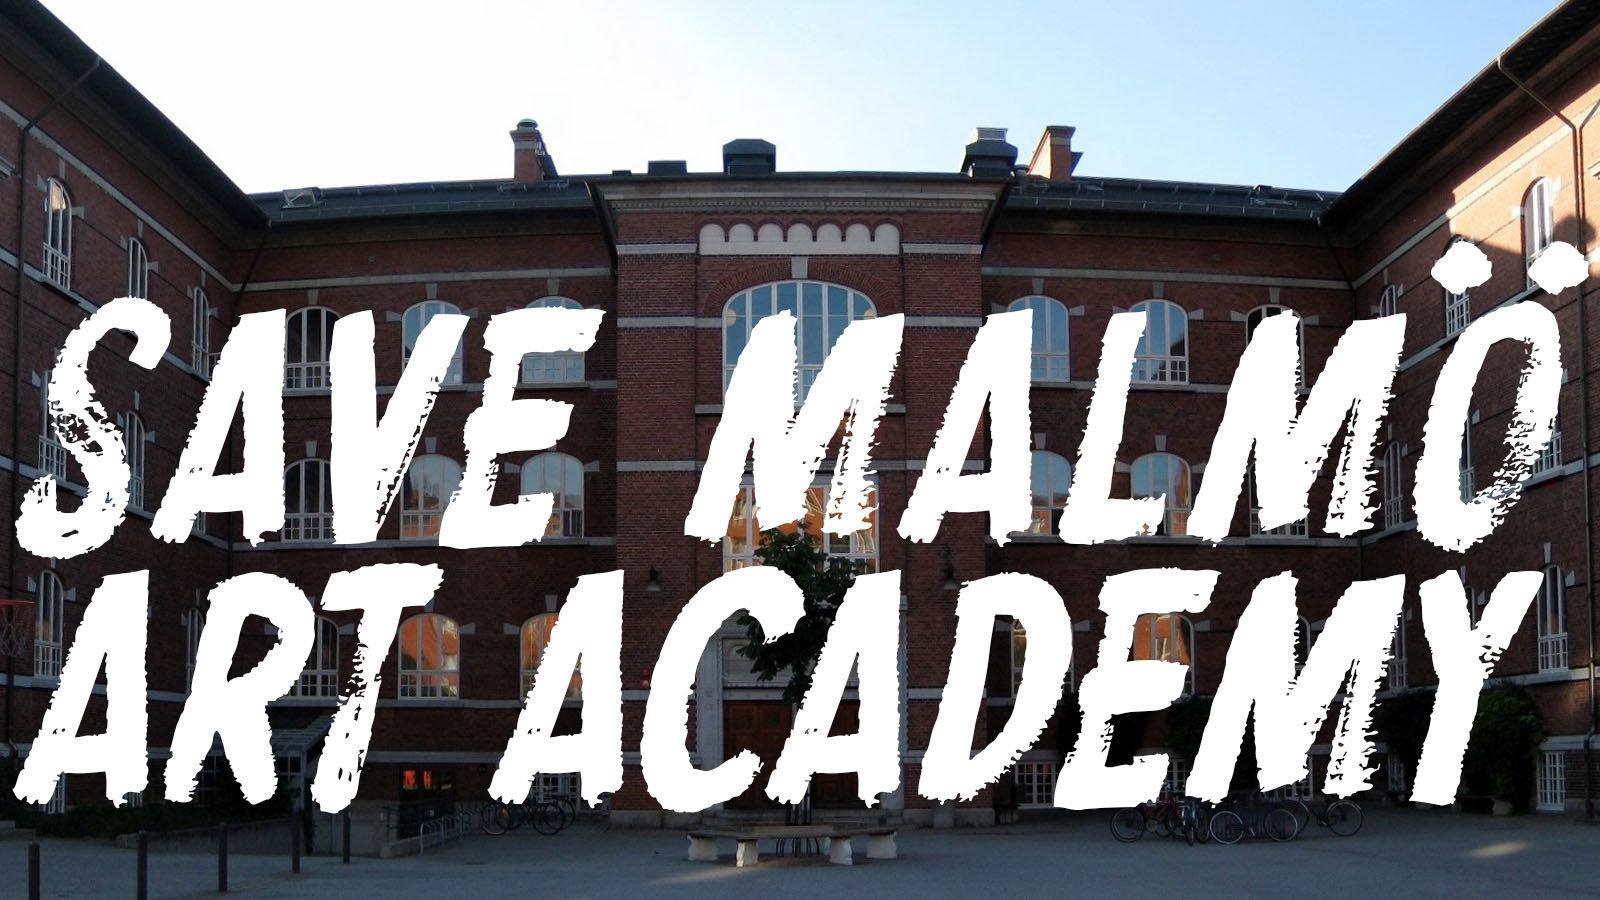 Petition malm stad save malm art academy for X change malmo mobilia